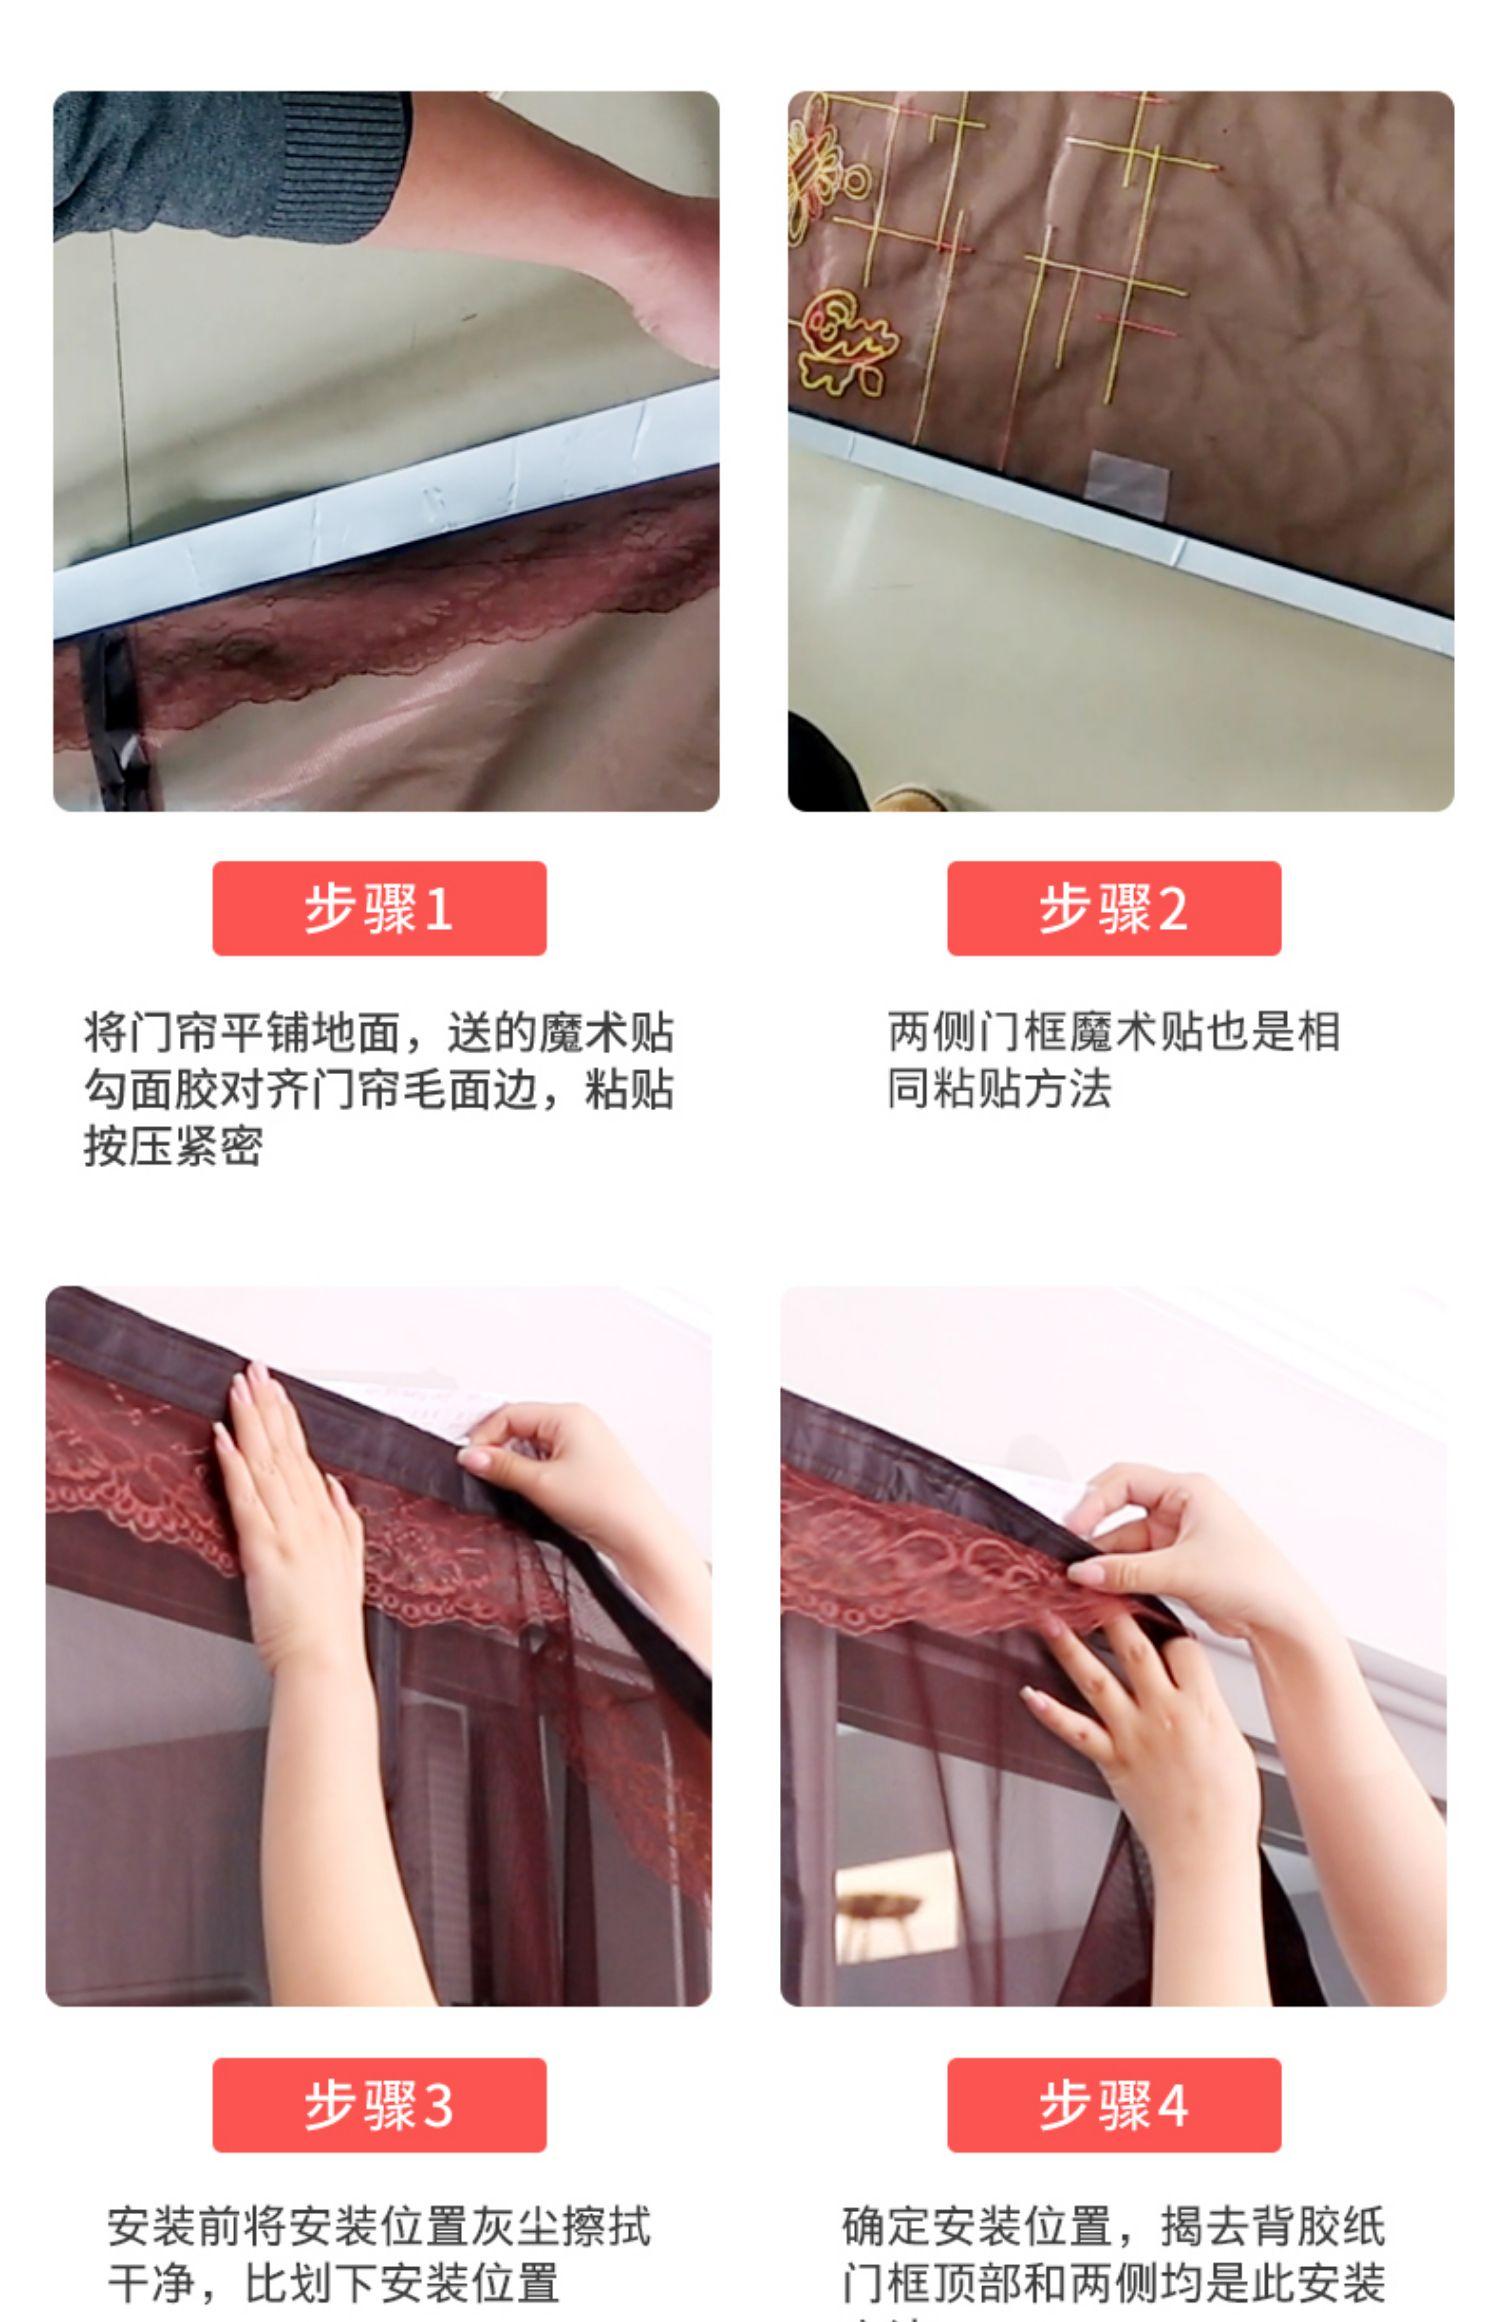 【大小尺寸5.6元!!】送图钉防蚊门帘